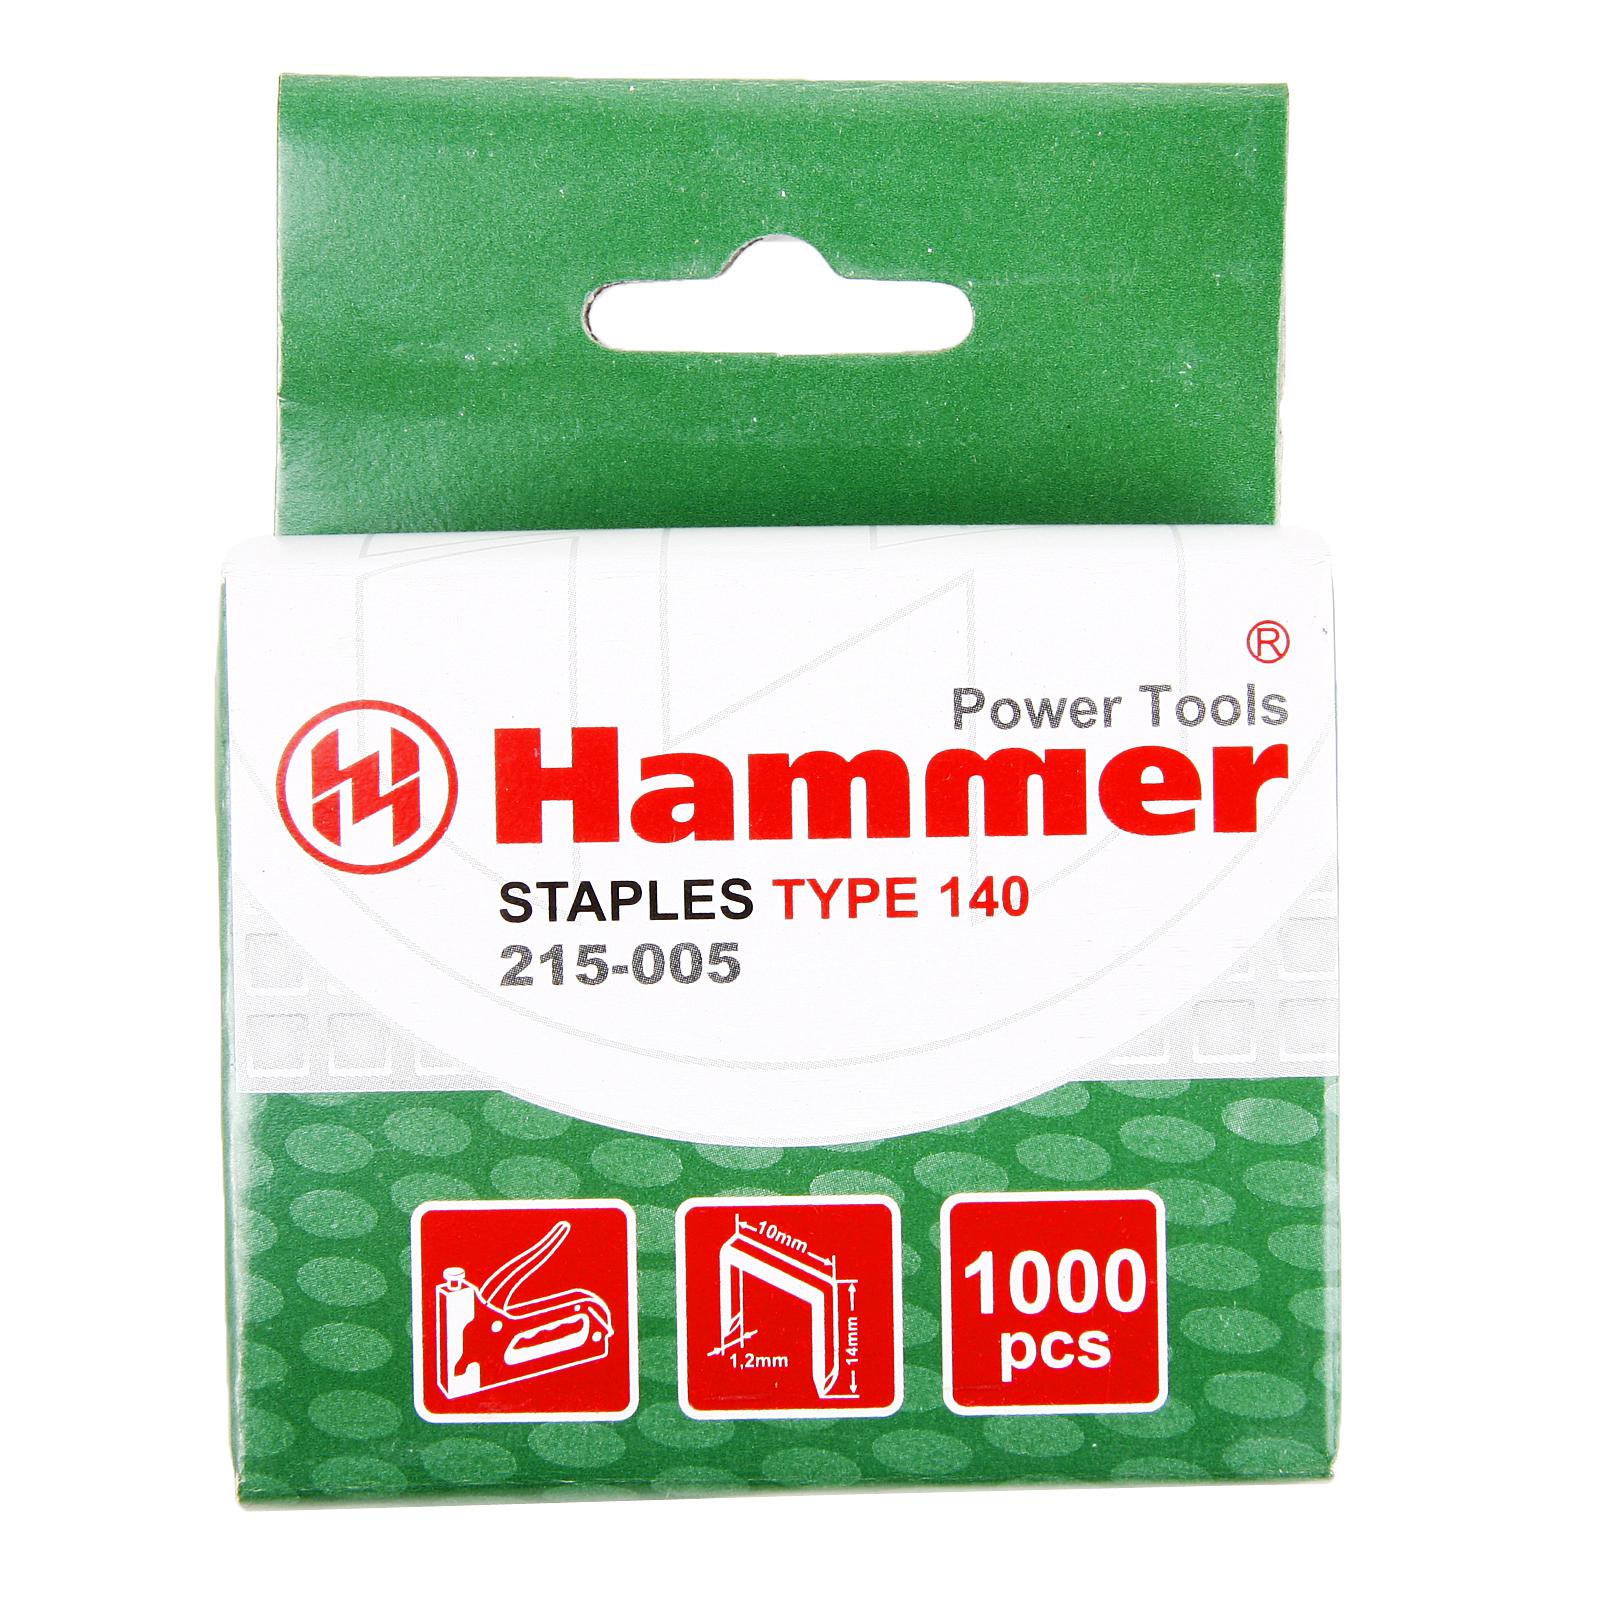 Скобы для степлера Hammer Скобы 14мм, 10мм, 1,2мм (тип 53f) скобы для степлера novus 14мм тип 53 5000шт 042 0520